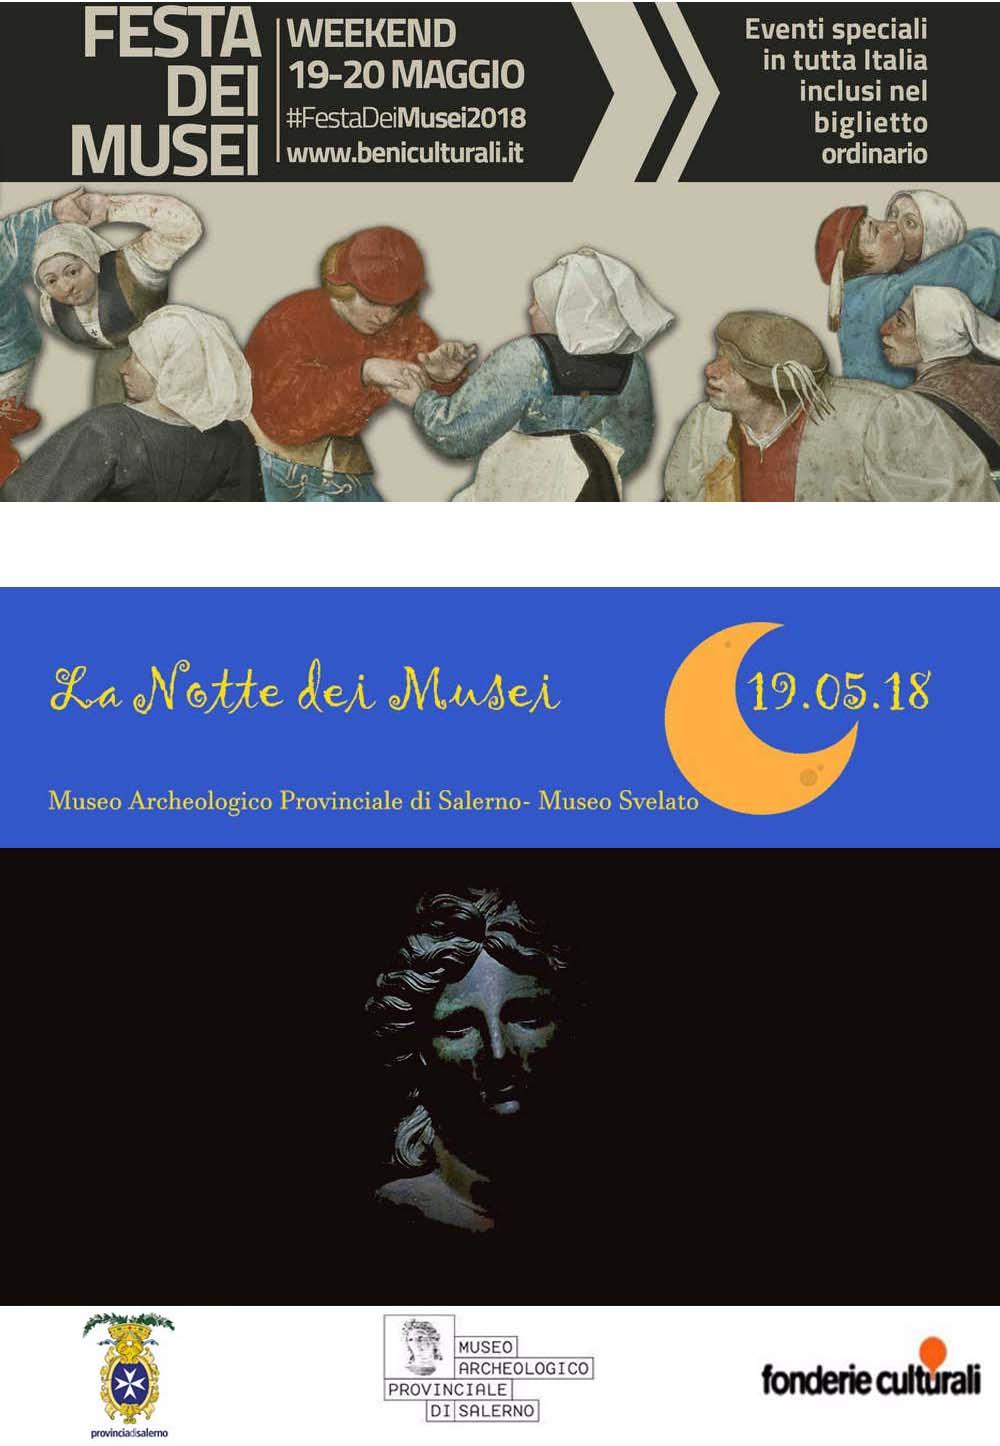 locandina notte dei musei e festa dei musei